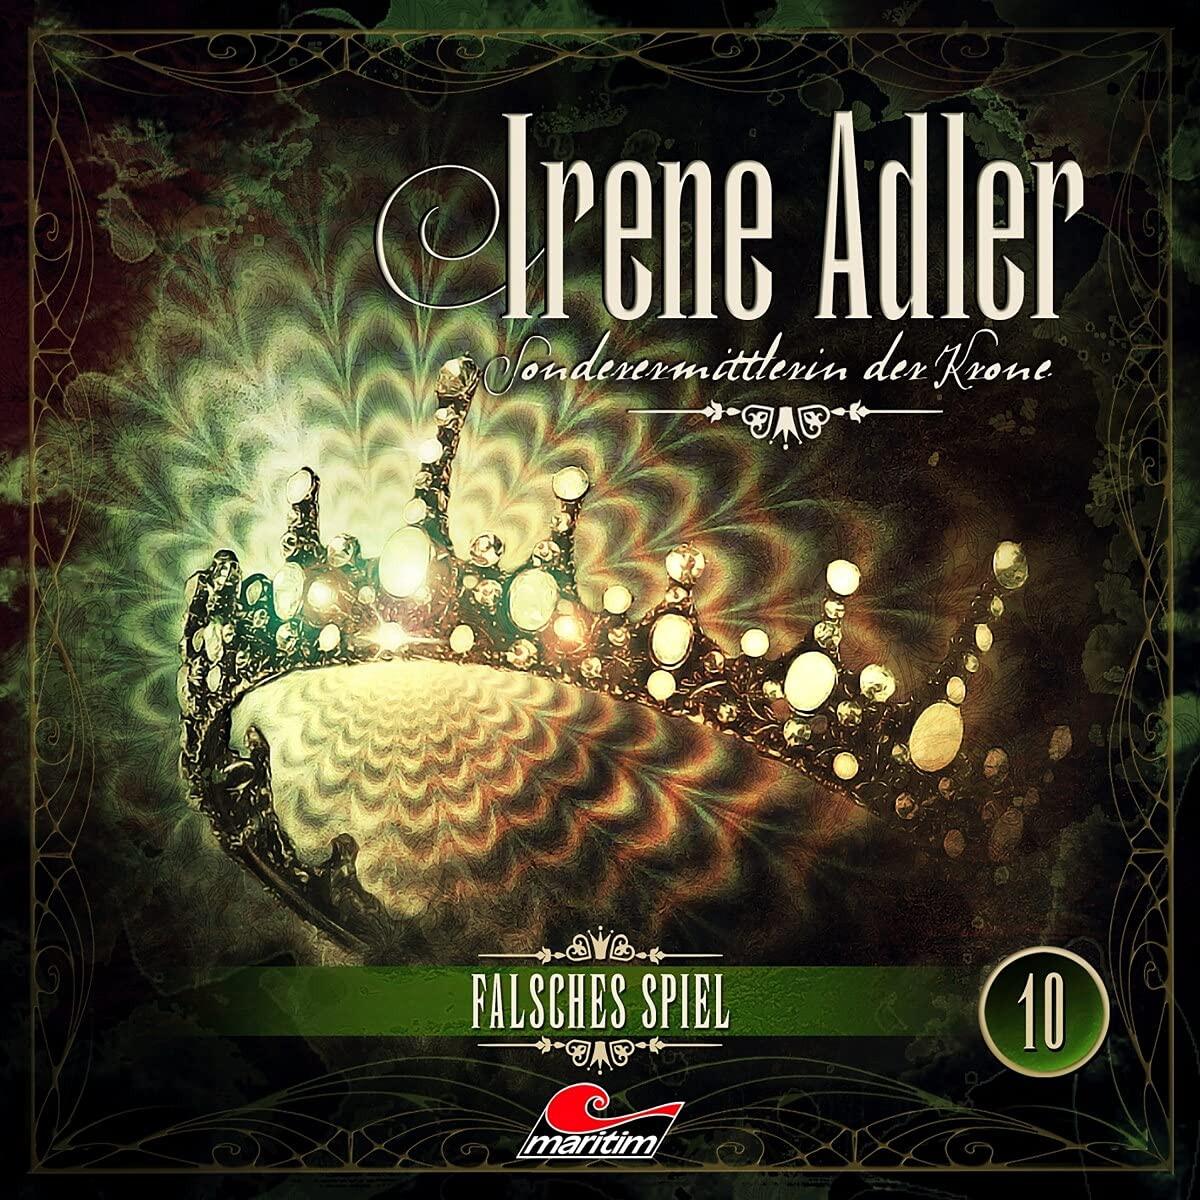 Irene Adler - Folge 10: Falsches Spiel